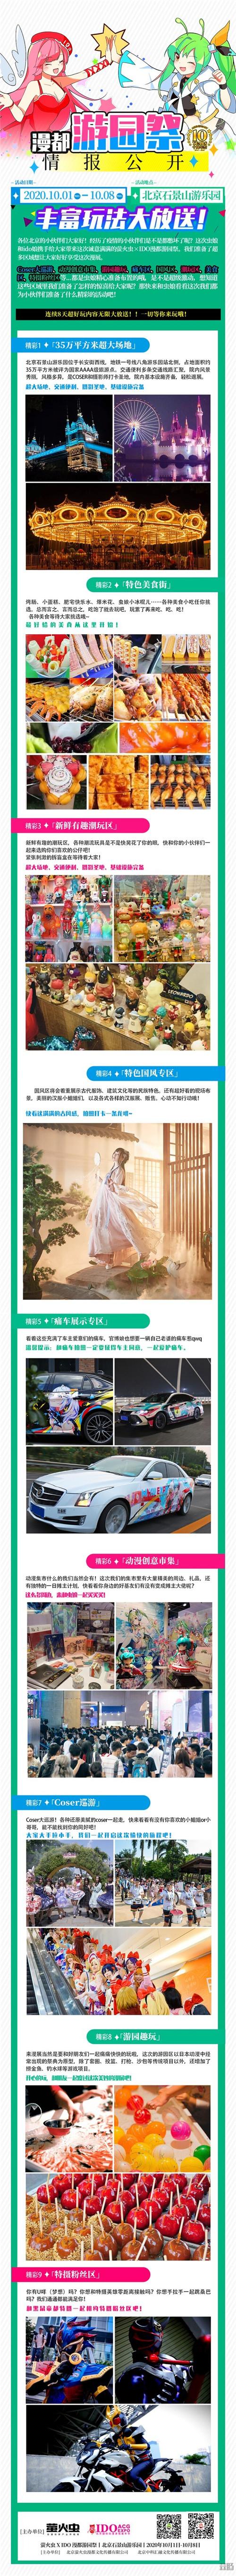 十一假期·北京【萤火虫 x IDO漫都游园祭】情报大公开! 漫展 第3张